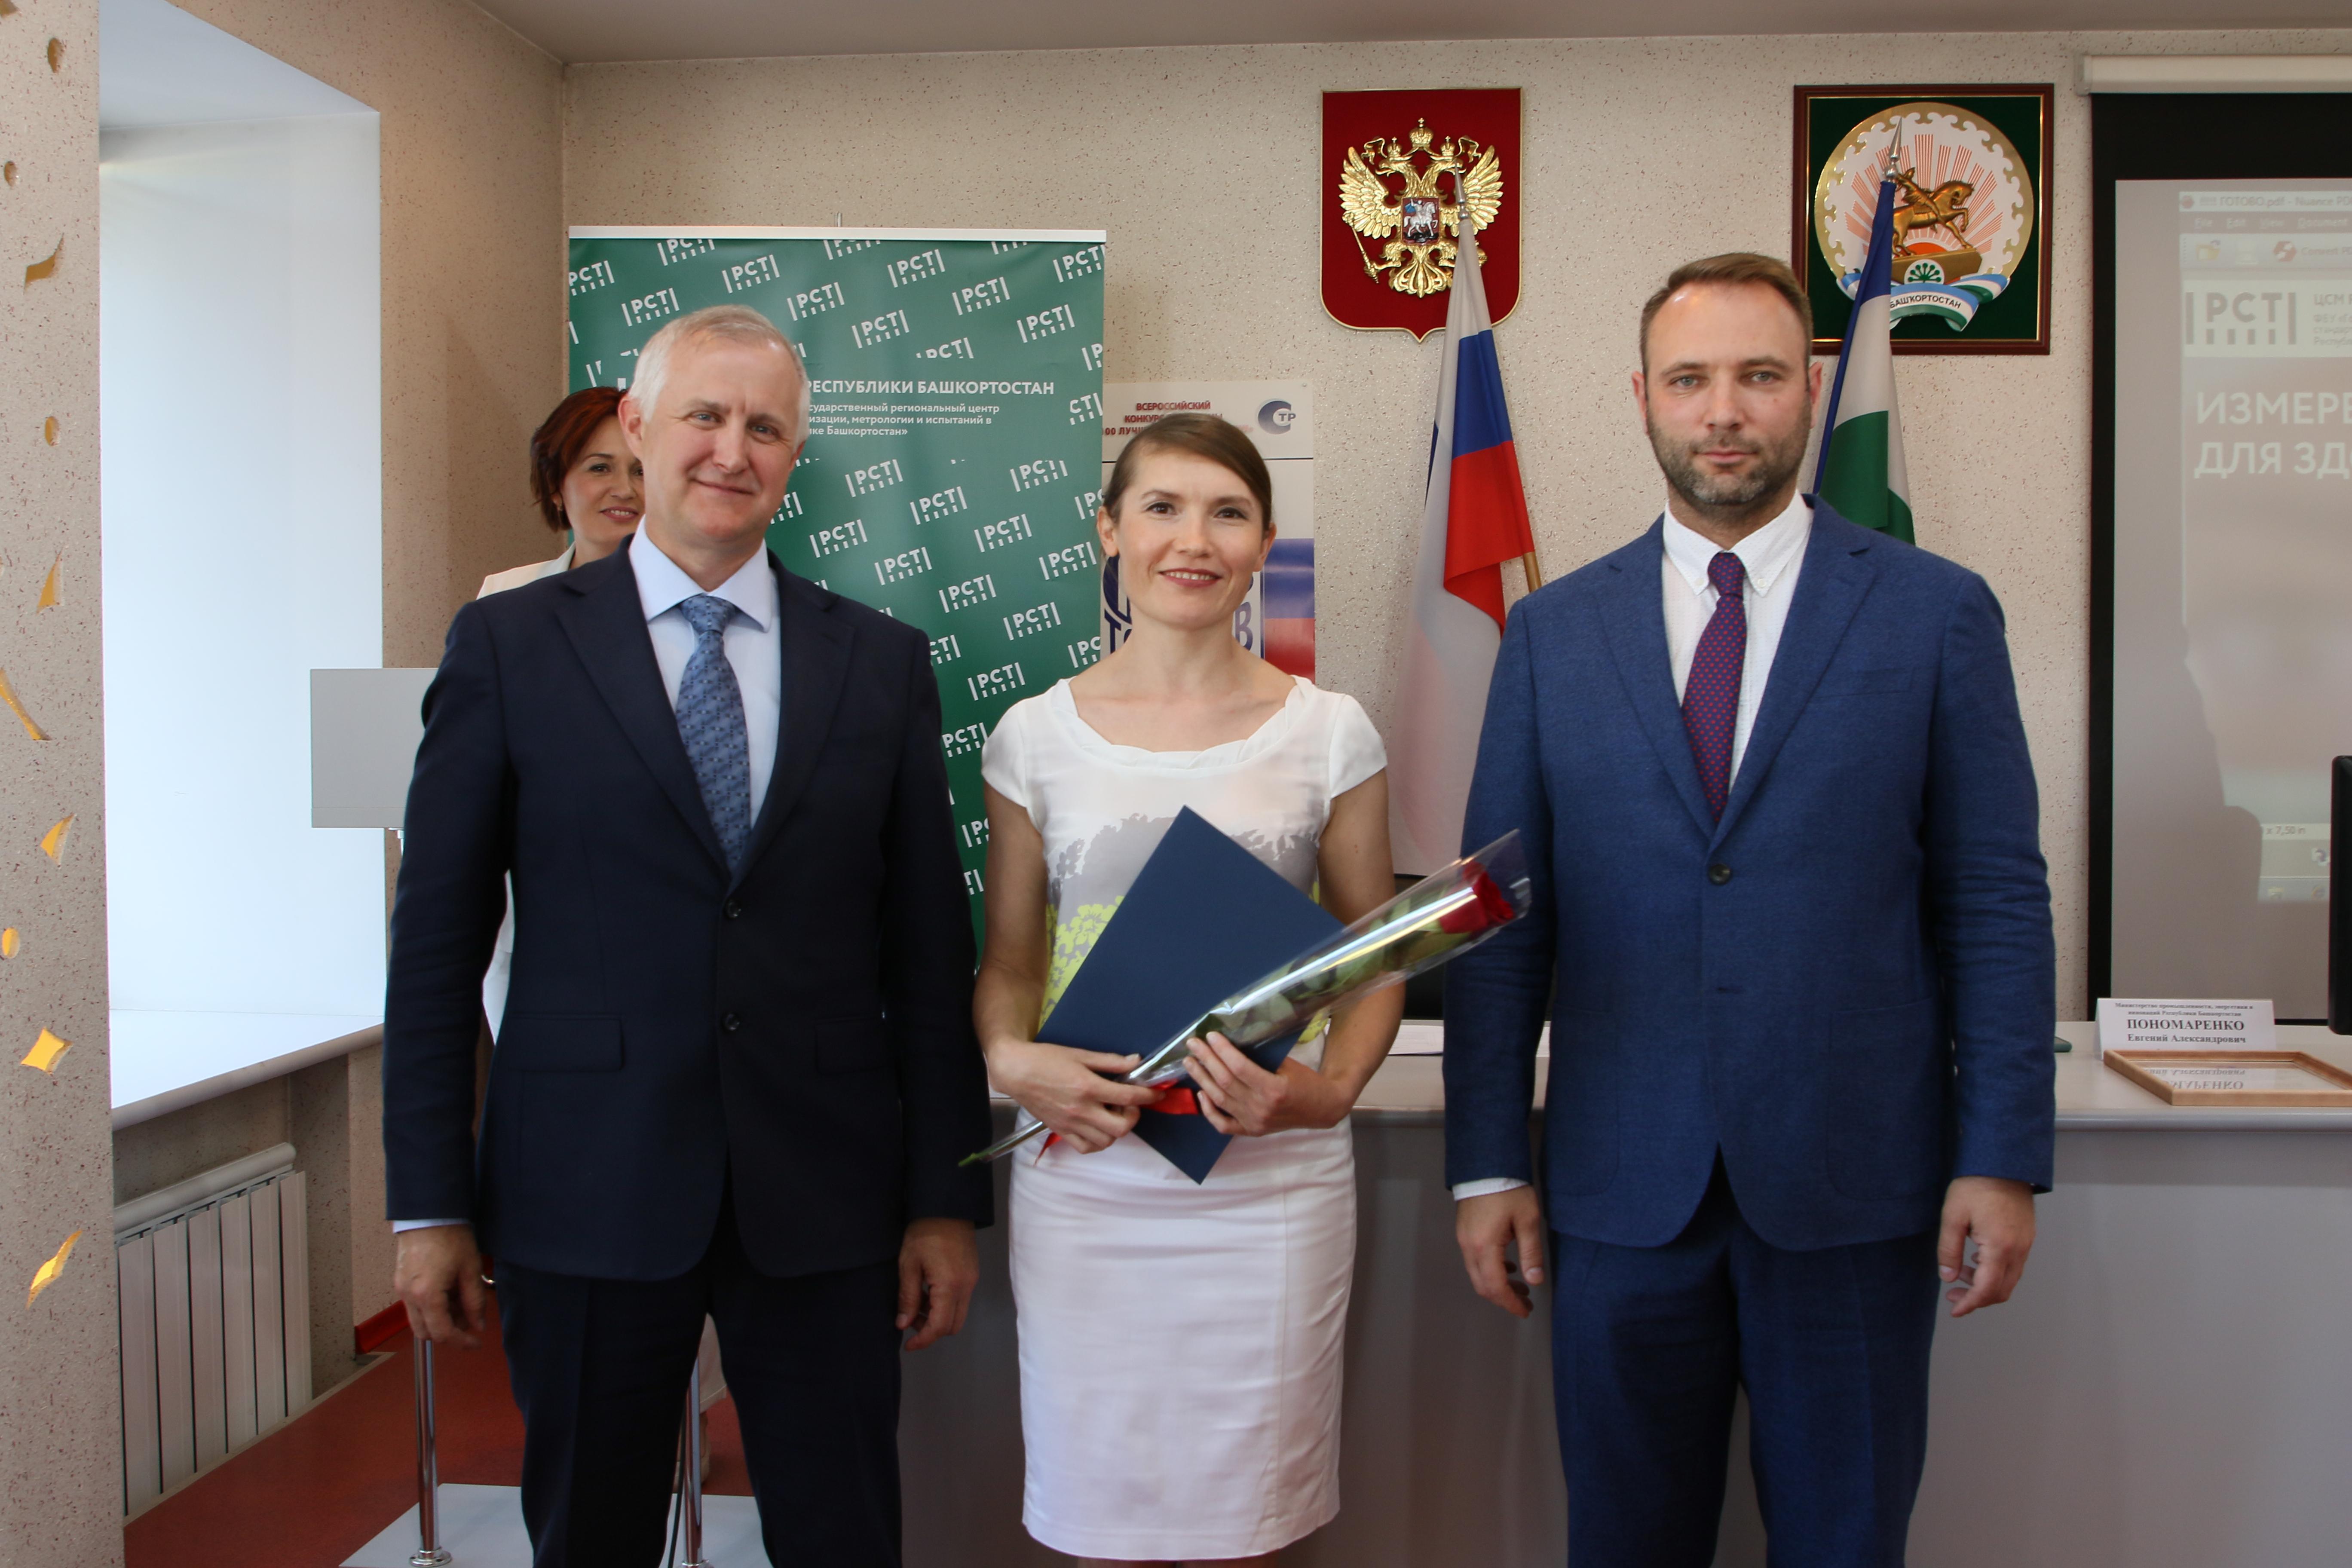 В ЦСМ Республики Башкортостан состоялось республиканское совещание, посвященное Всемирному дню метрологии